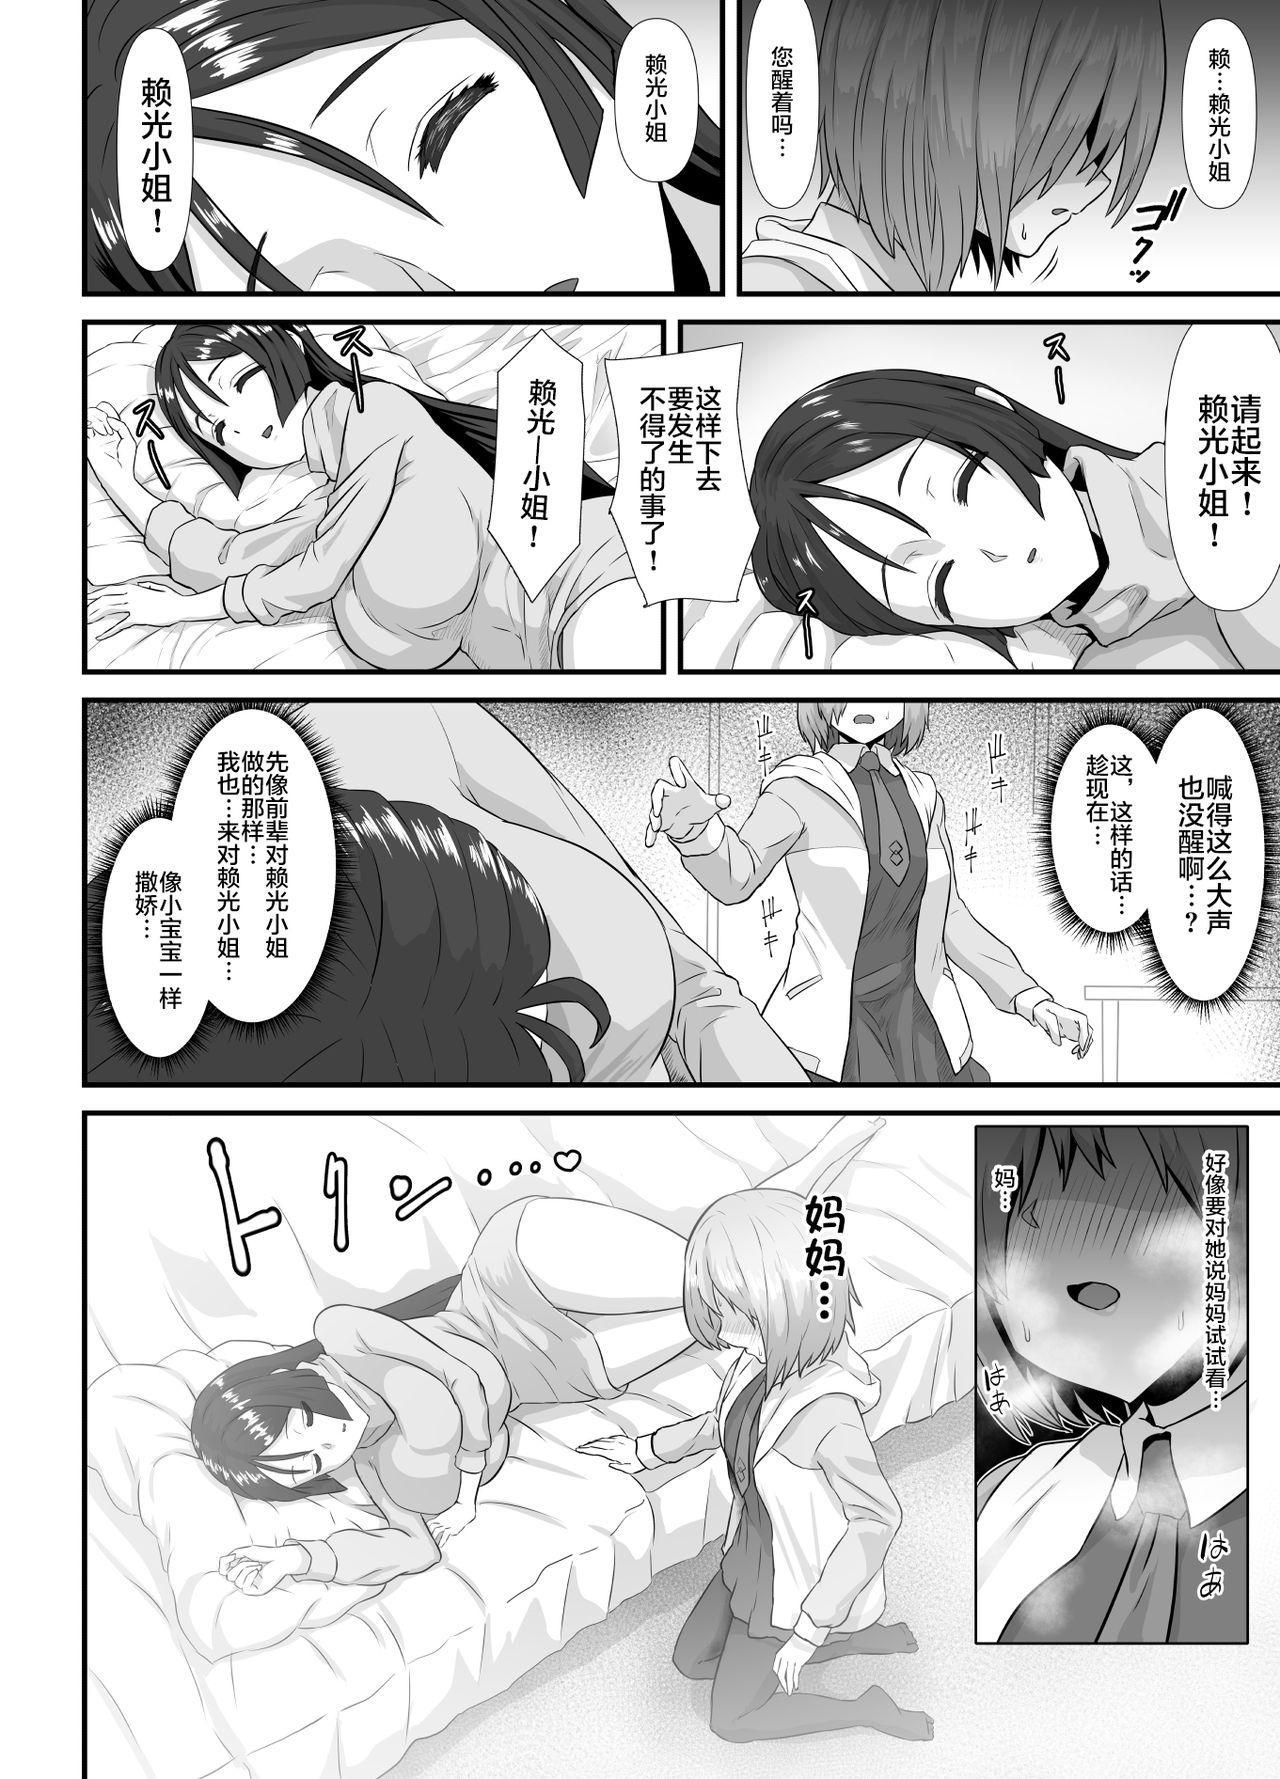 [Sadalsuud (Hoshiaka)] Seijun datta Hazu no Mashu wa Futanari no Yuuwaku ni Ochiru Dai-4-wa (Fate/Grand Order) [Chinese] [不咕鸟汉化组] 4